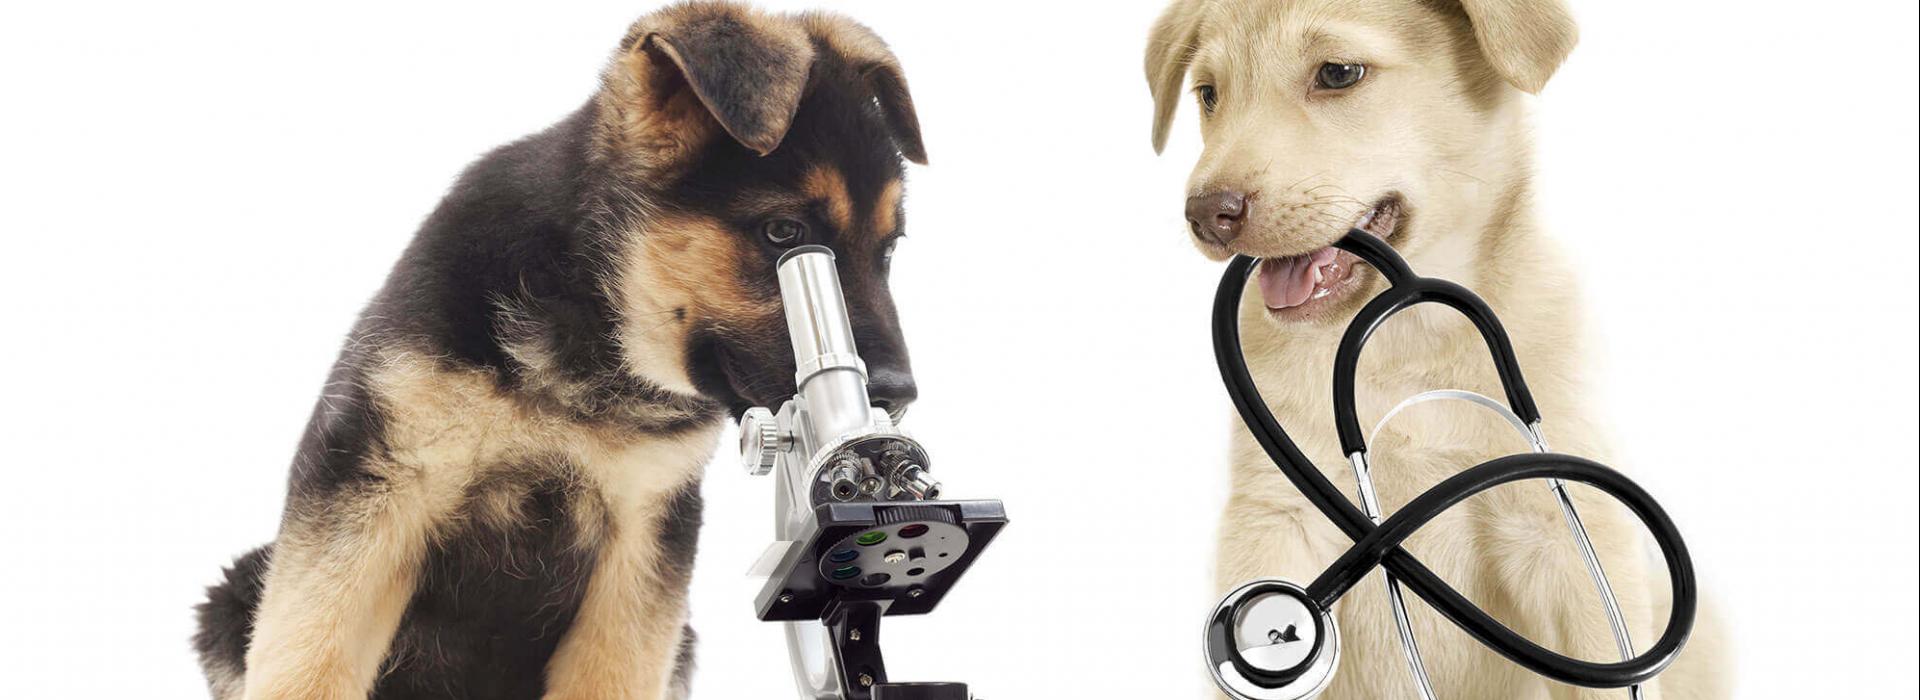 medecine-generale-clinique-veterinaire-ste-anne-des-plaines-1.png